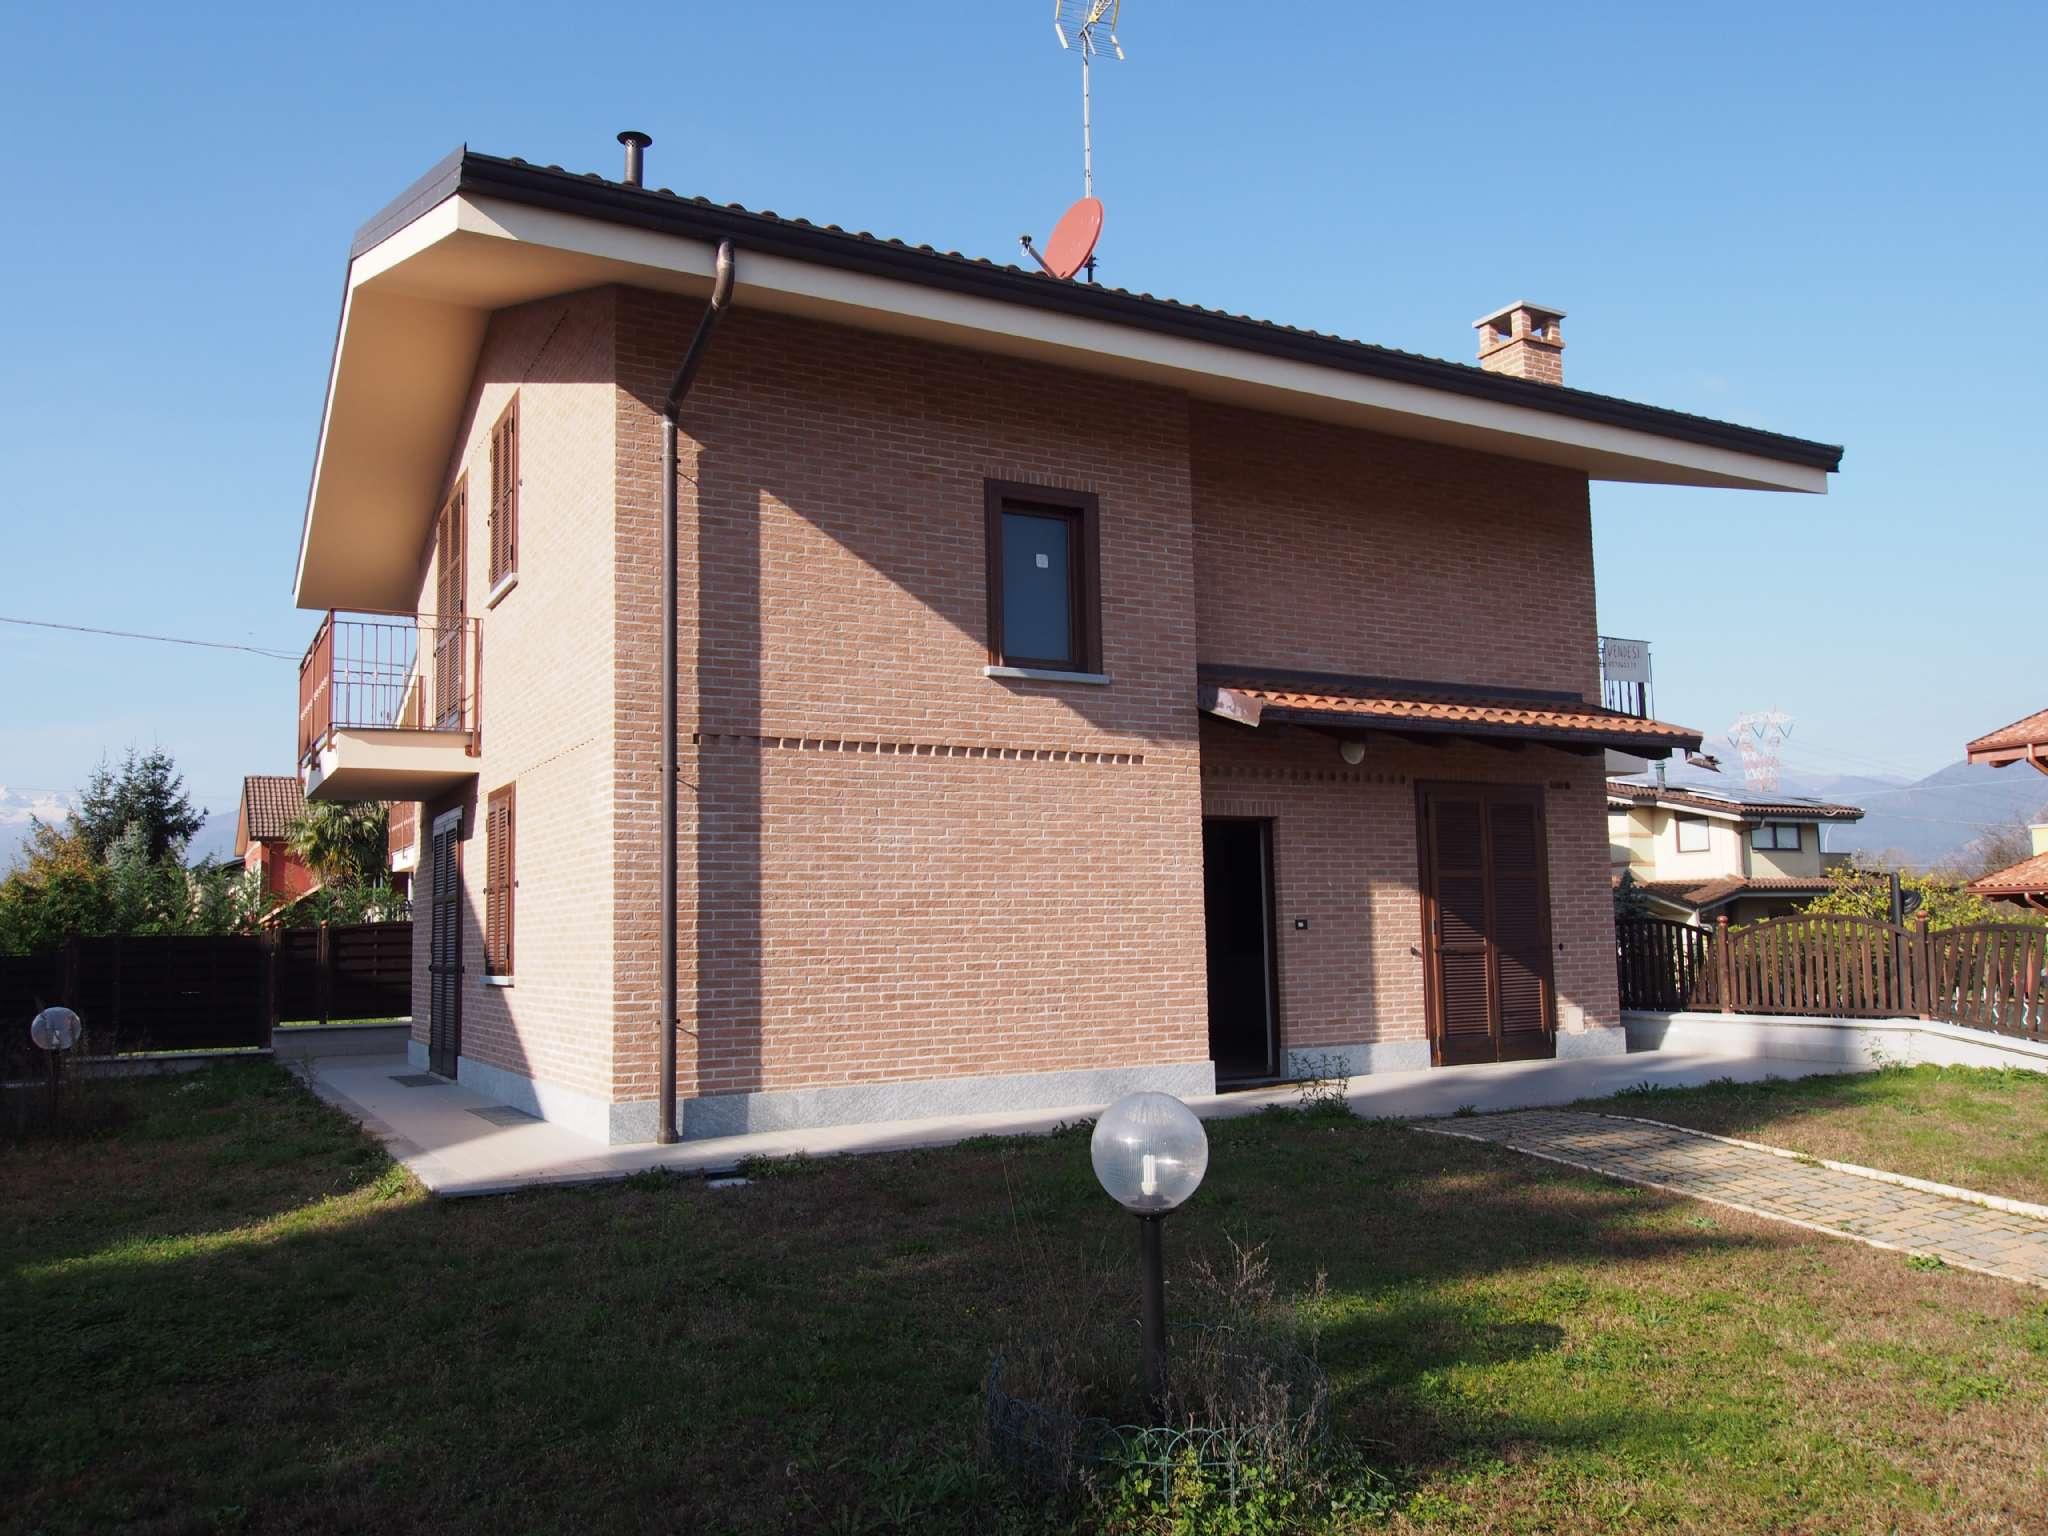 Villa in vendita a Rosta, 6 locali, prezzo € 410.000 | PortaleAgenzieImmobiliari.it